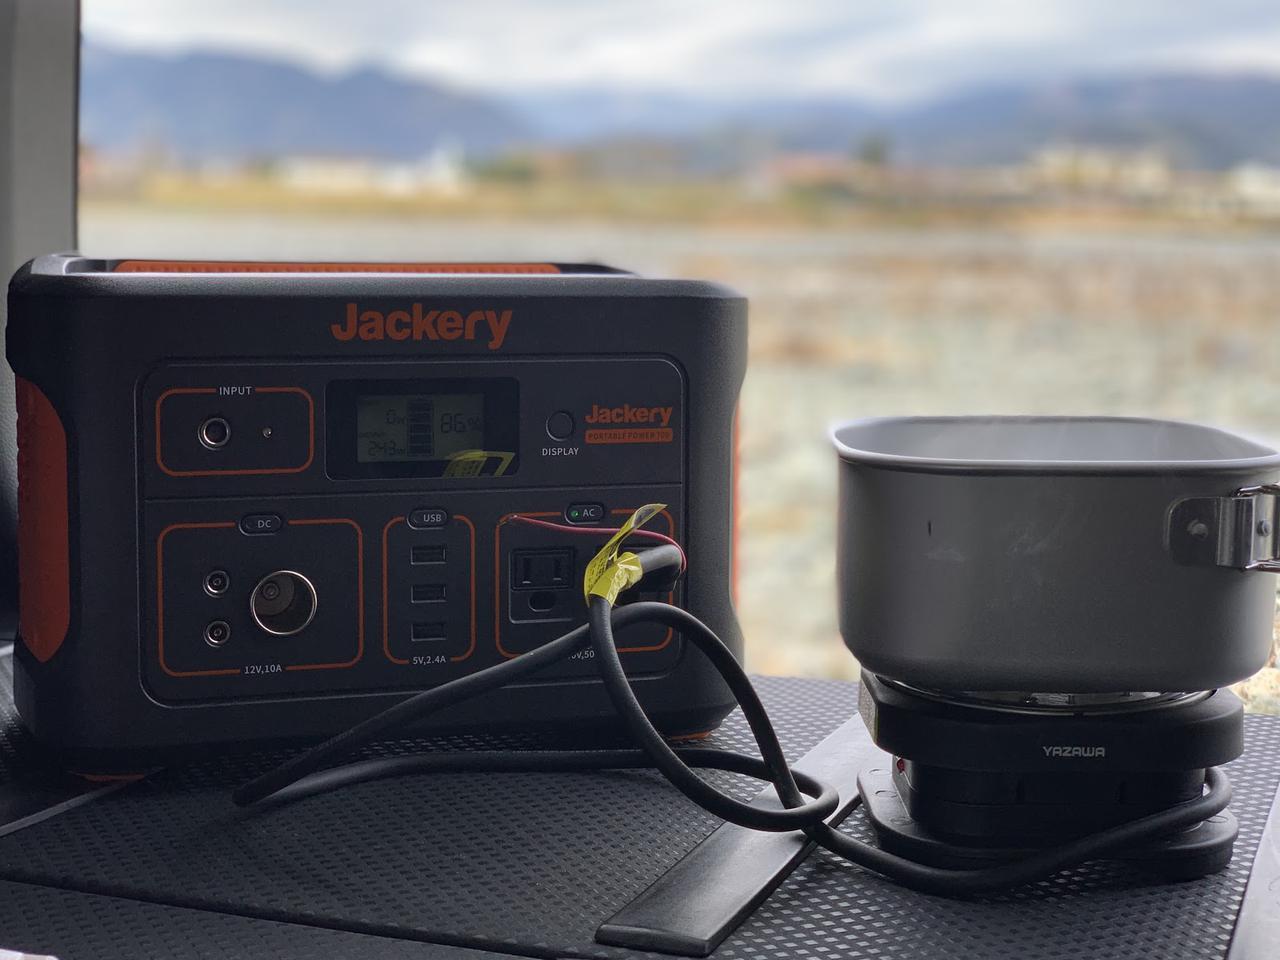 画像: 筆者愛用「Jackery (ジャクリ)ポータブル電源700」は使い勝手抜群! 車中泊やソロキャンプを快適に! - ハピキャン|キャンプ・アウトドア情報メディア